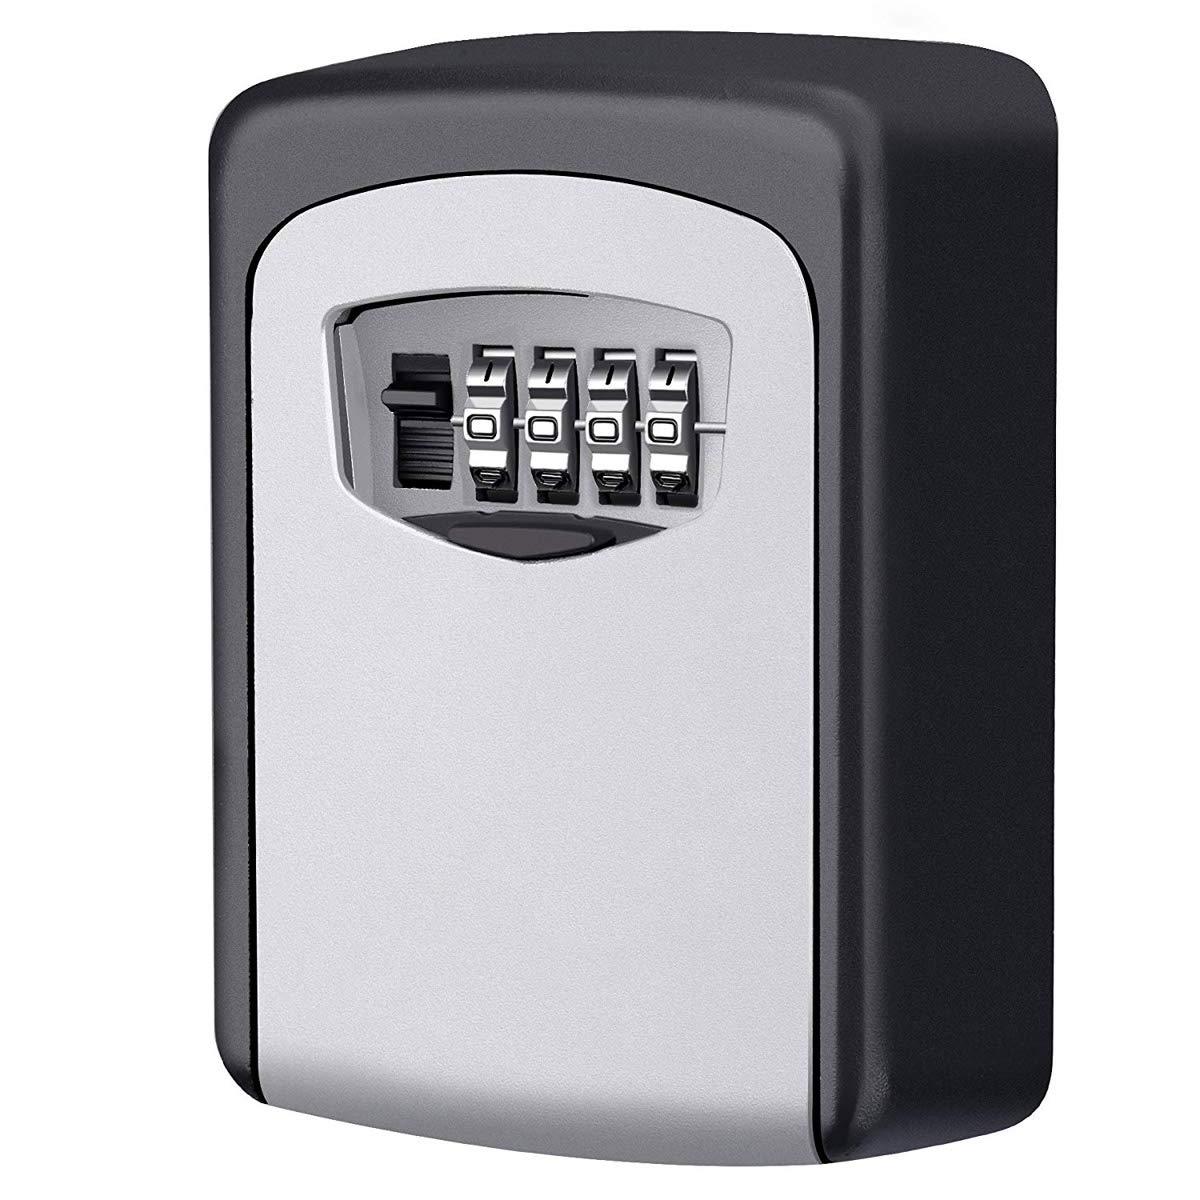 Caja Fuerte Candado para llaves, Candado de Seguridad con Combinació n 4 dí gitos,Caja de Seguridad para Llaves, se puede clavar en la pareds, Adecuada para el Hogar, el Garaje y la Granja,ect Candado de Seguridad con Combinación 4 dígitos